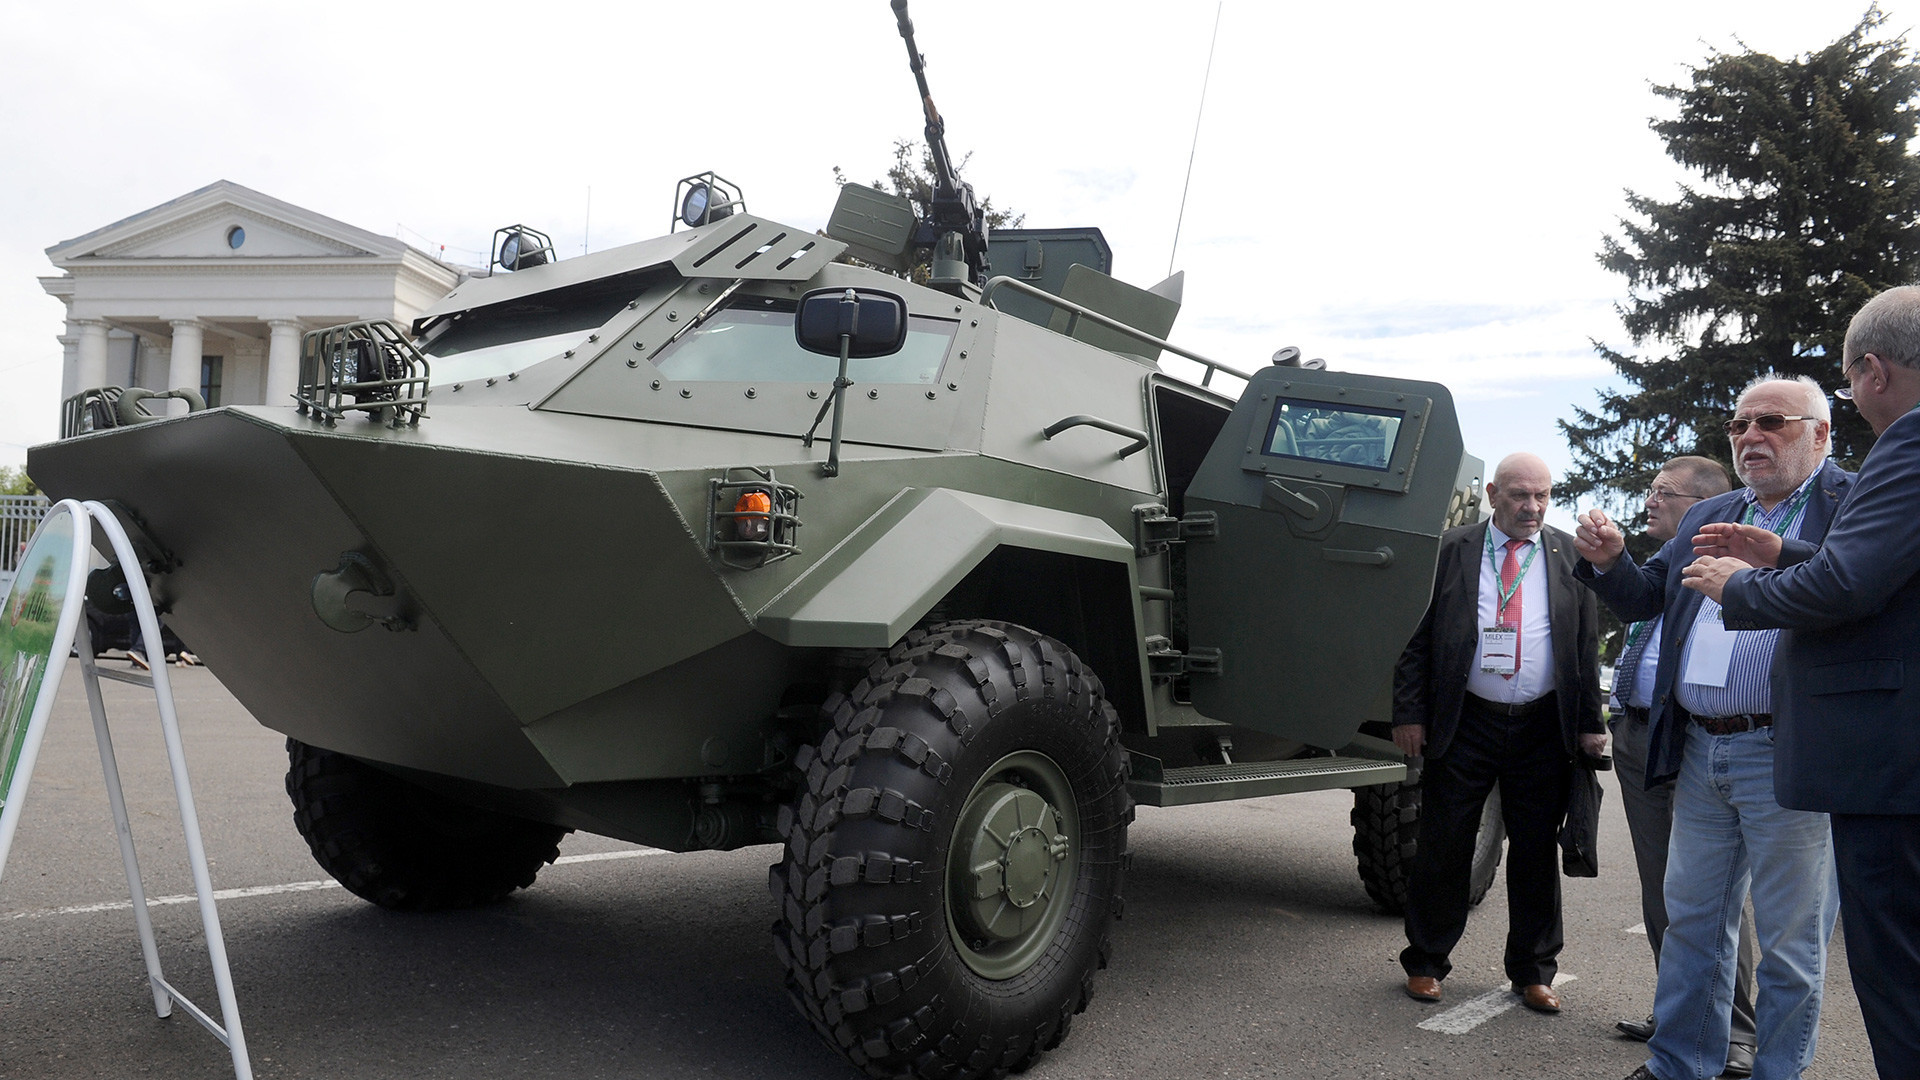 Oklopni transporter na 8. međunarodnoj izložbi naoružanja i vojne tehnike